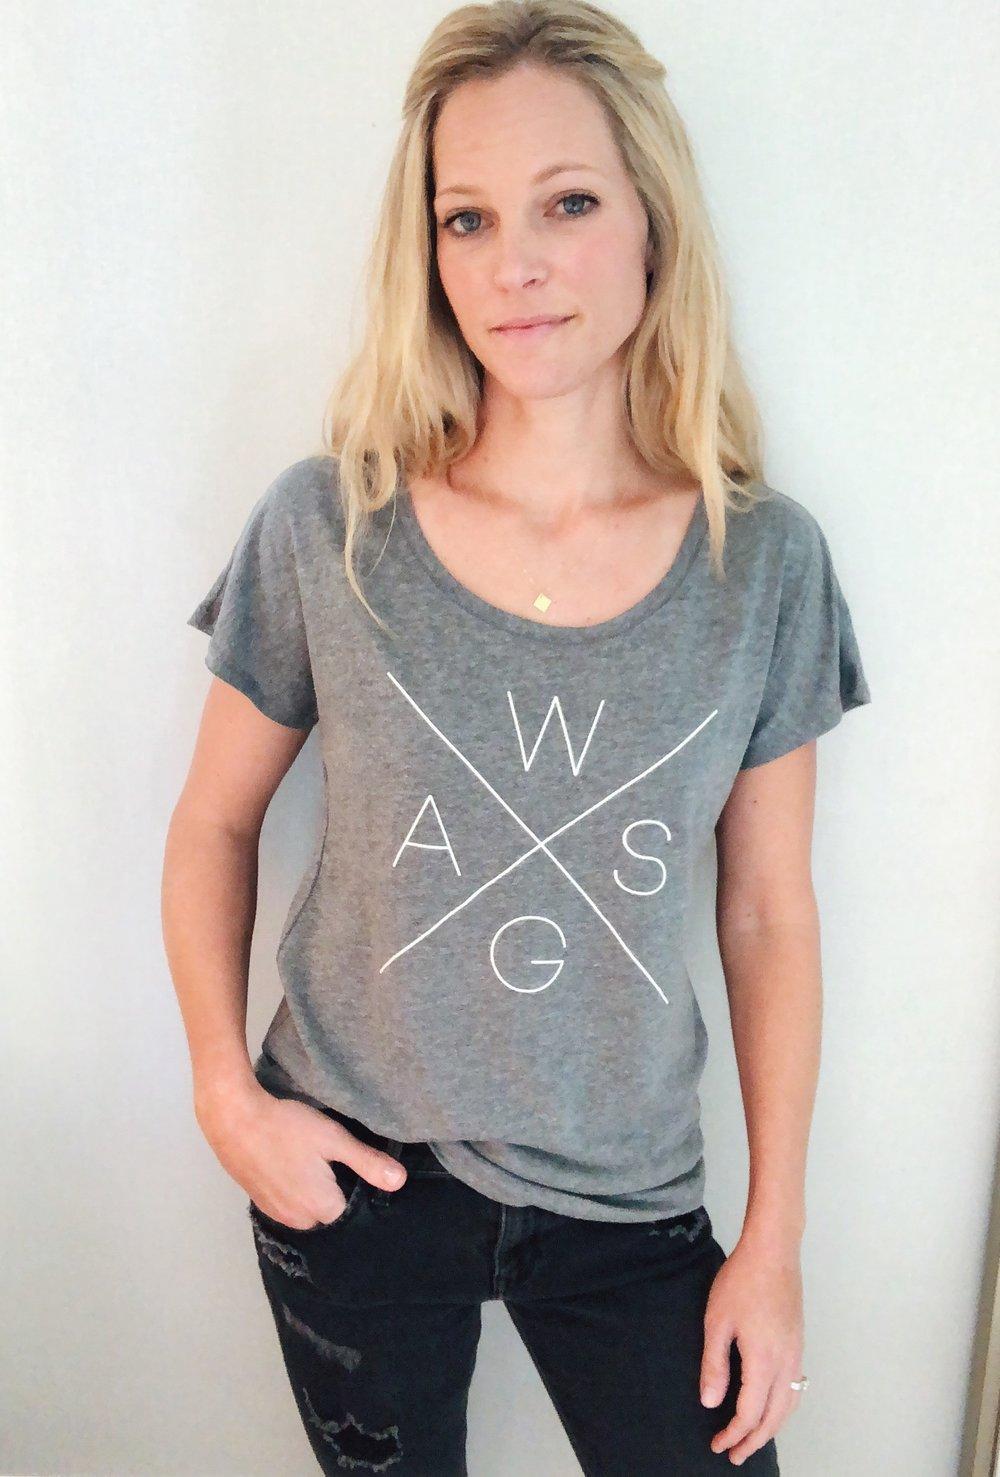 WAGS Shirt $34